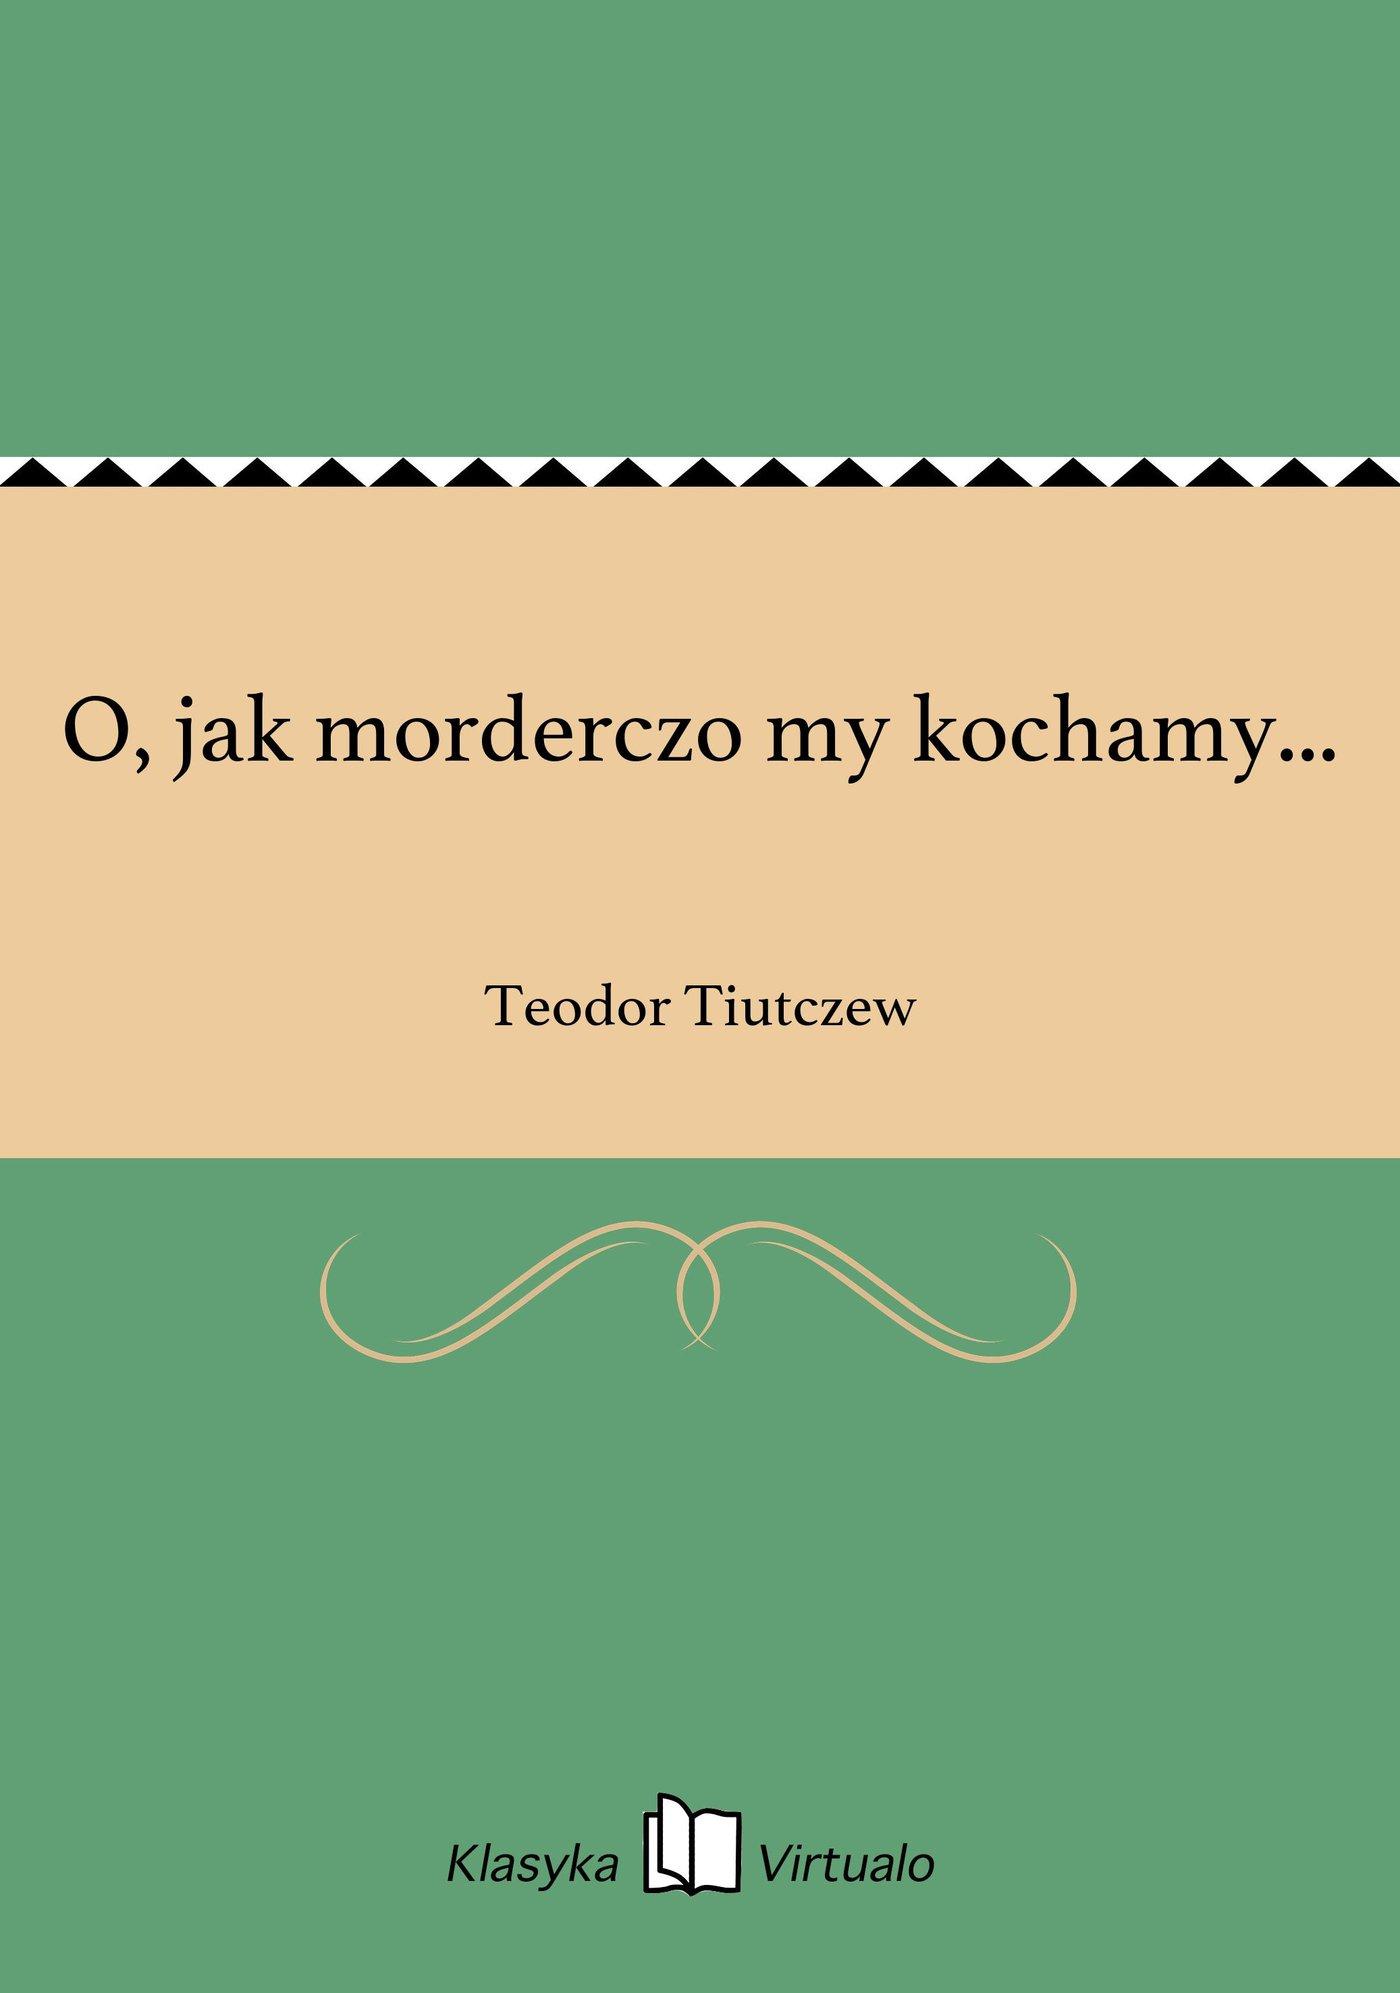 O, jak morderczo my kochamy... - Ebook (Książka na Kindle) do pobrania w formacie MOBI